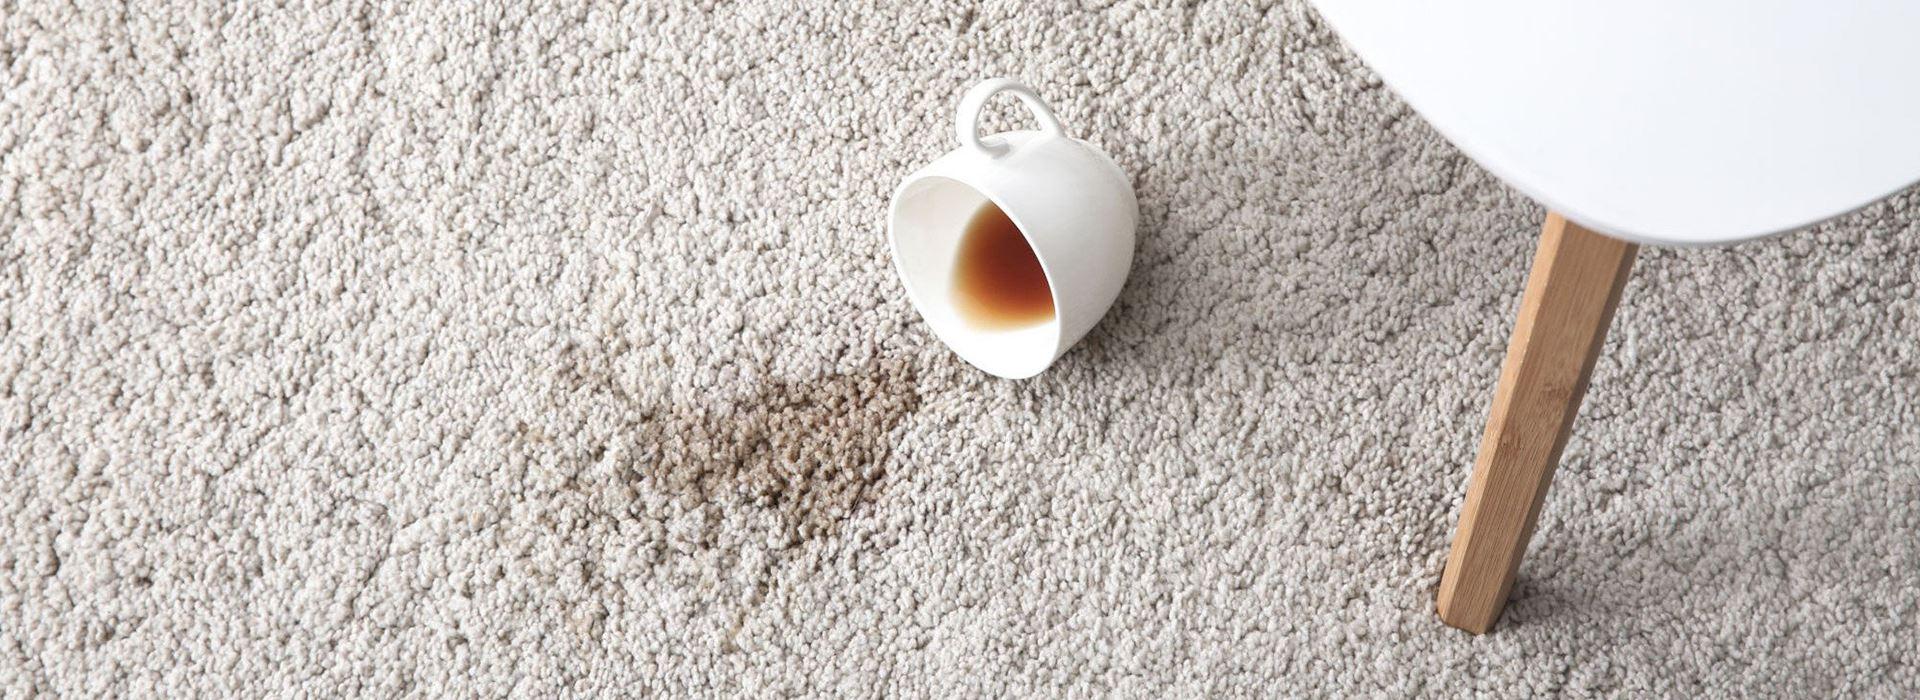 پاک کردن لکه چای روی فرش